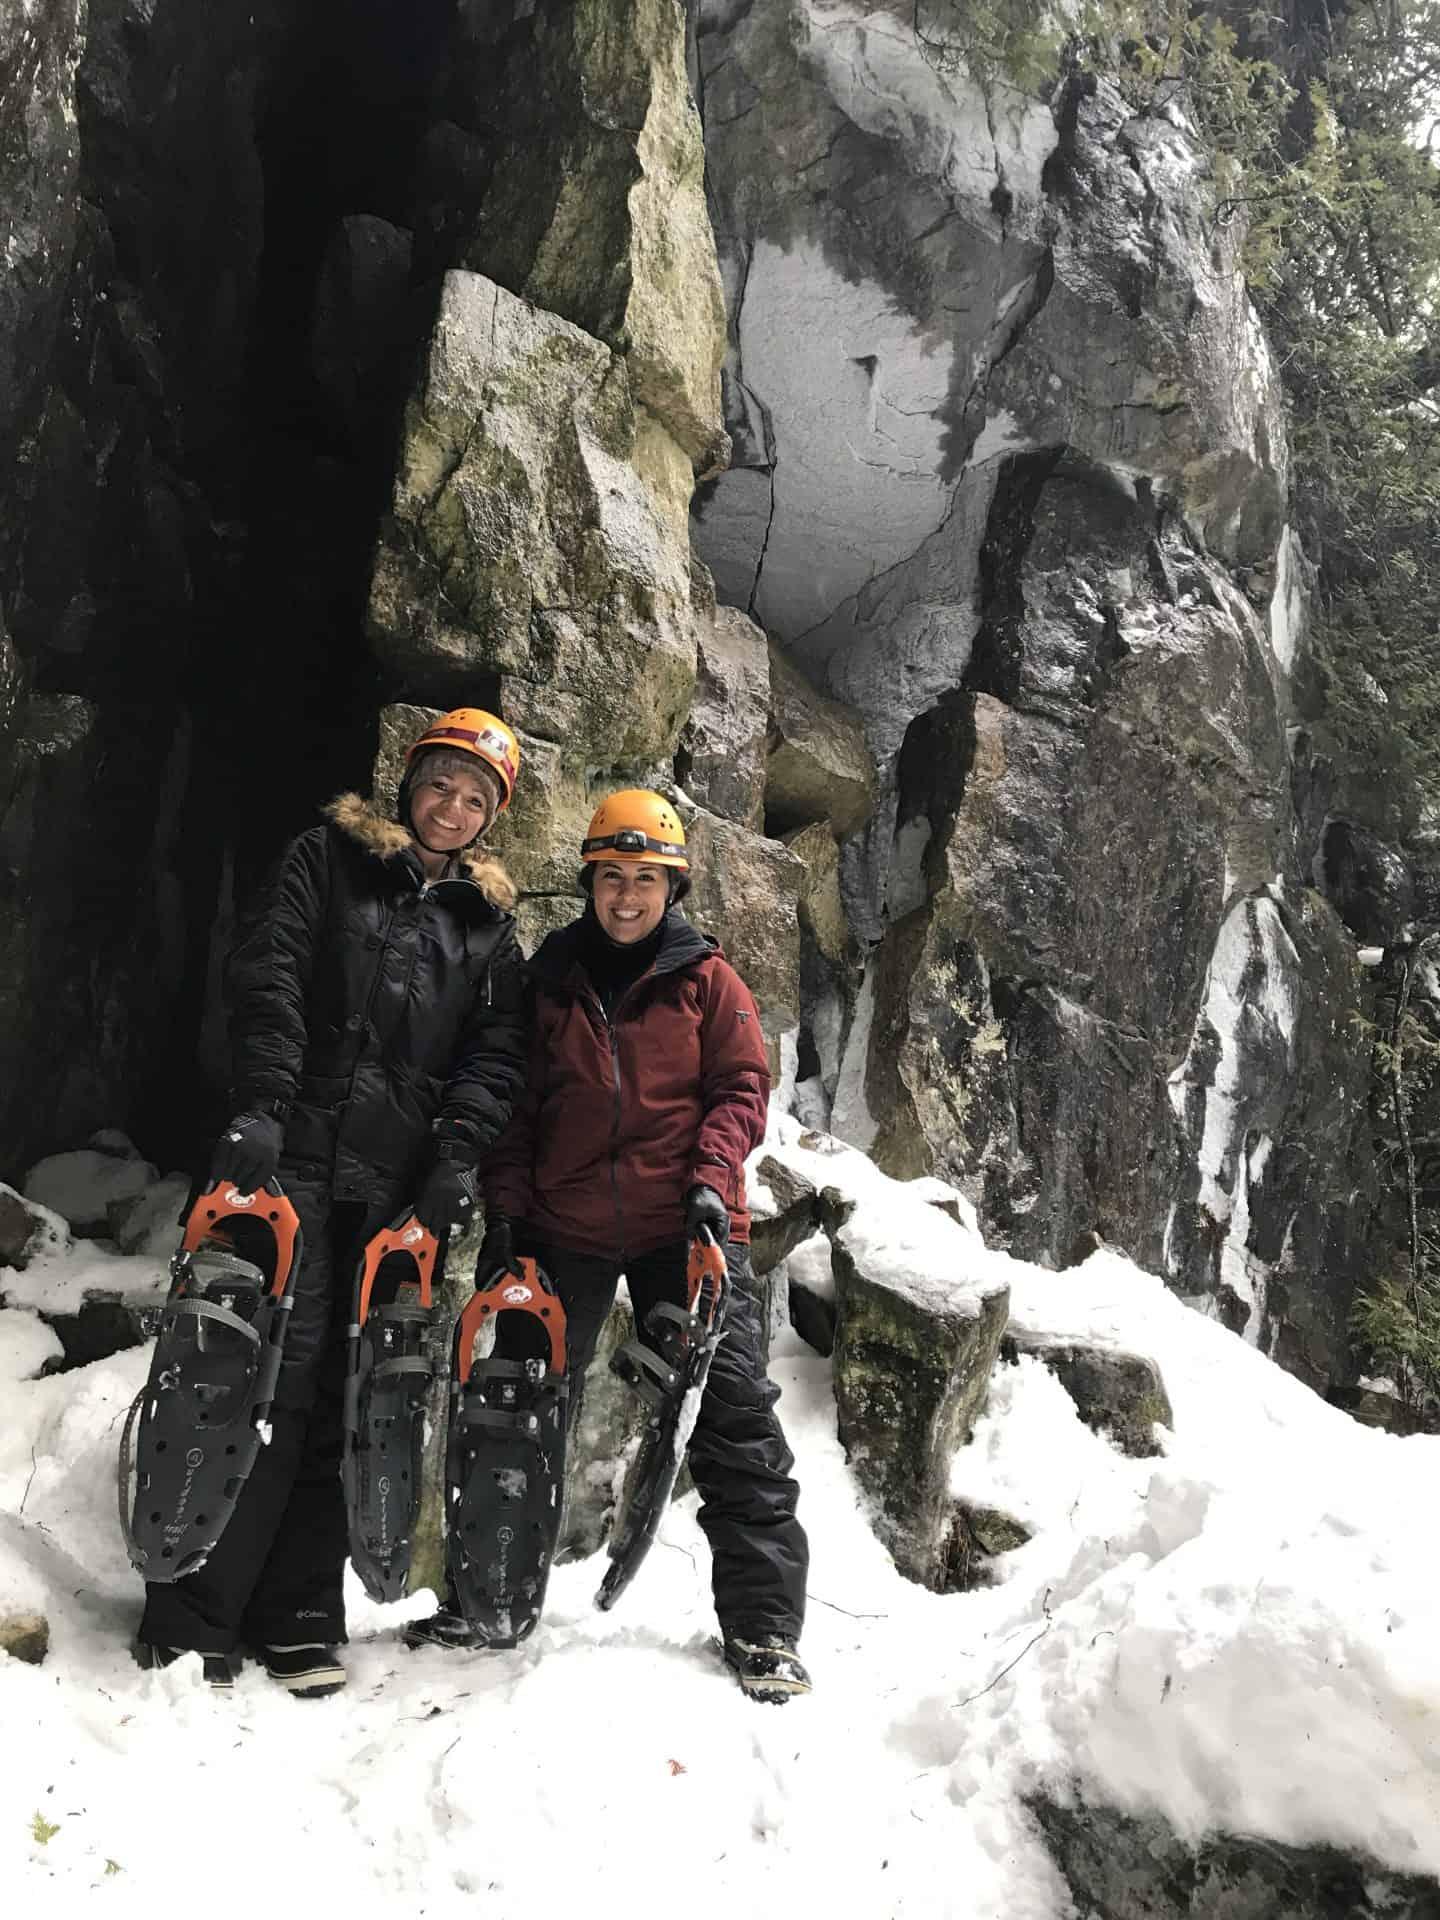 blue mountain winter activities